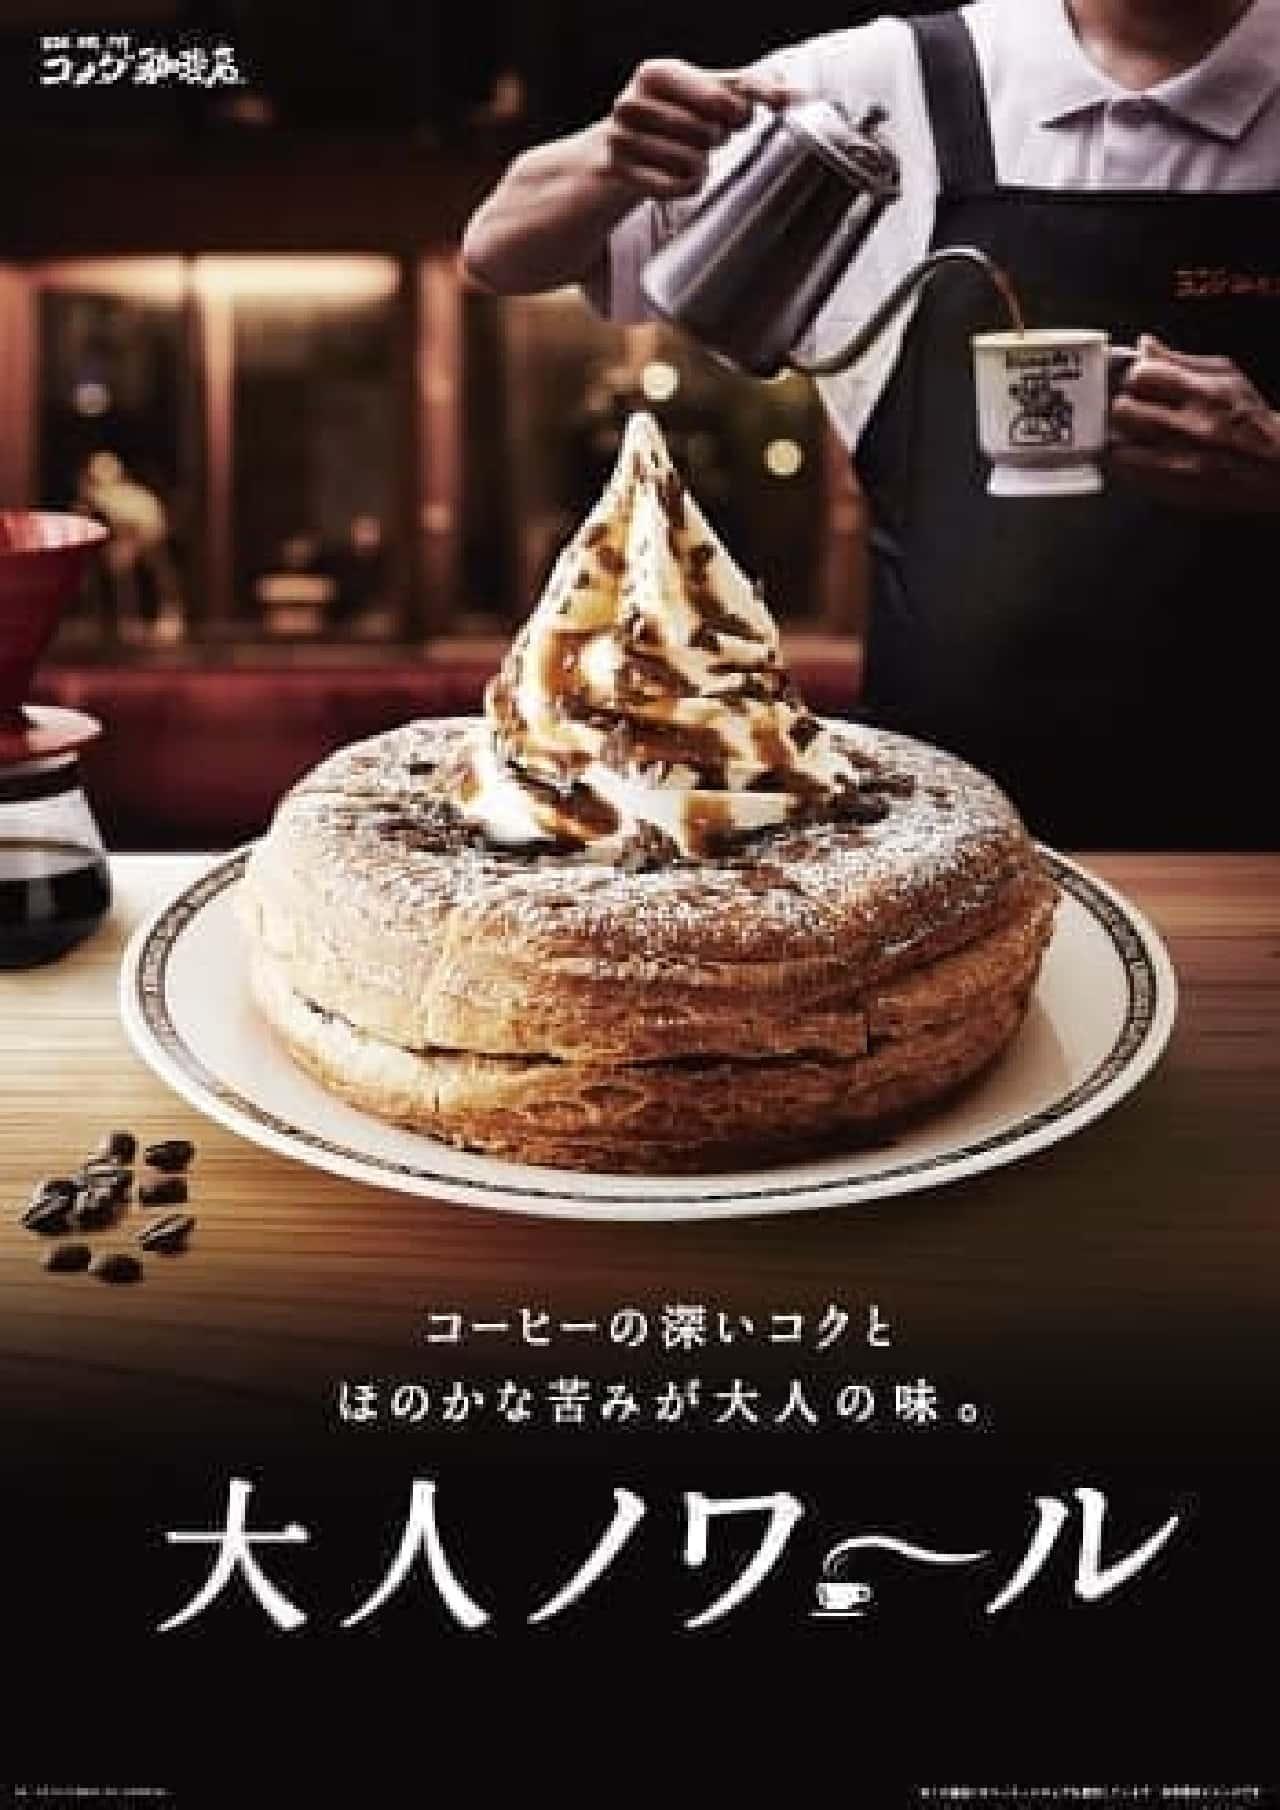 コメダ珈琲店「大人ノワール」